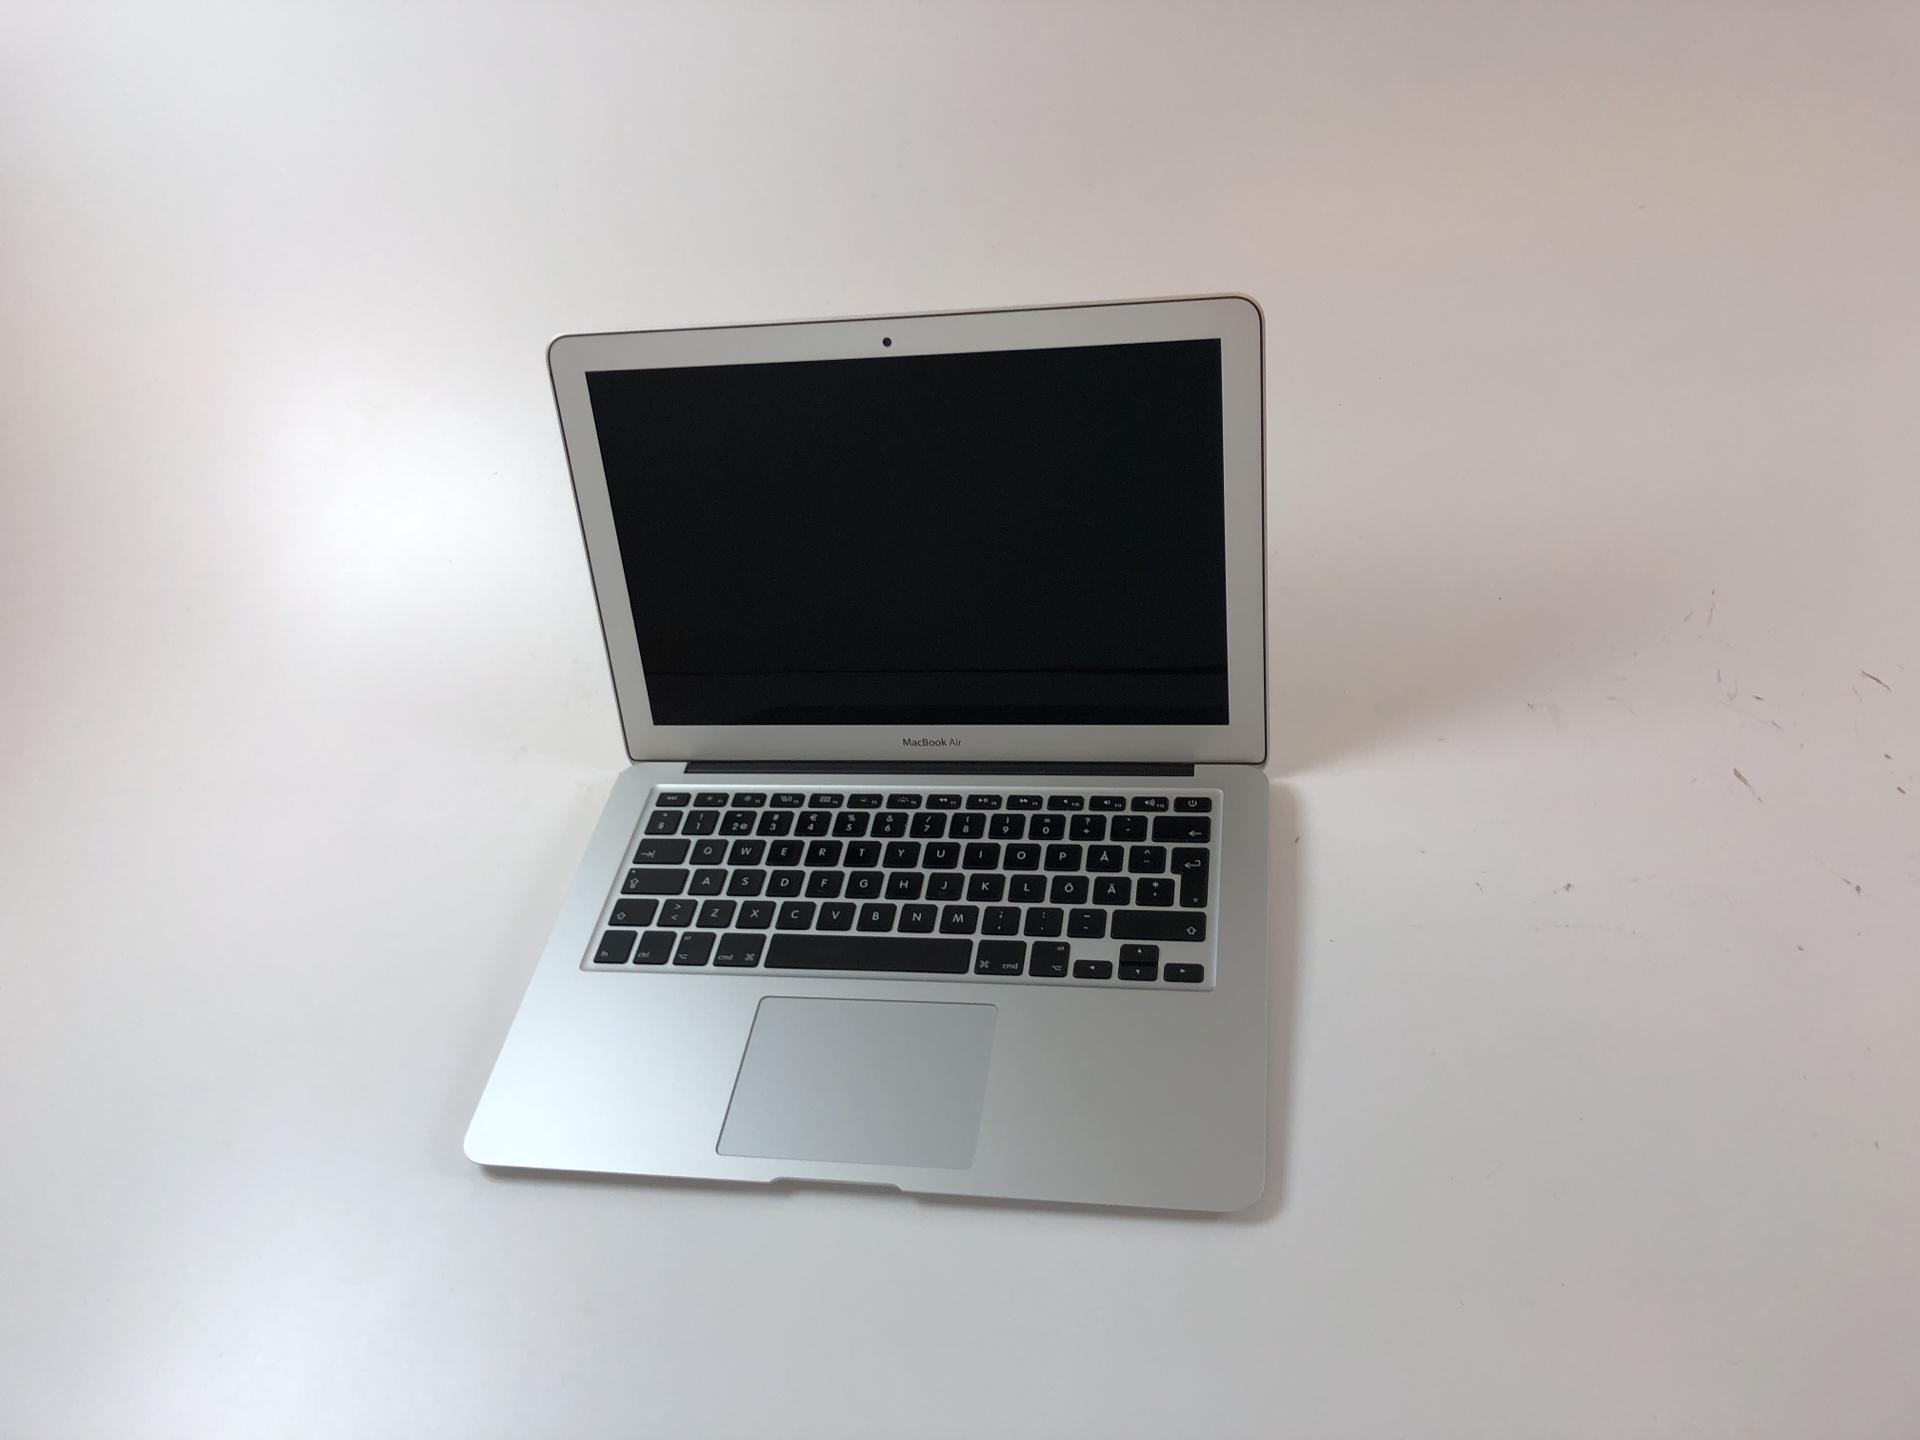 """MacBook Air 13"""" Mid 2013 (Intel Core i5 1.3 GHz 8 GB RAM 128 GB SSD), Intel Core i5 1.3 GHz, 8 GB RAM, 128 GB SSD, Kuva 2"""